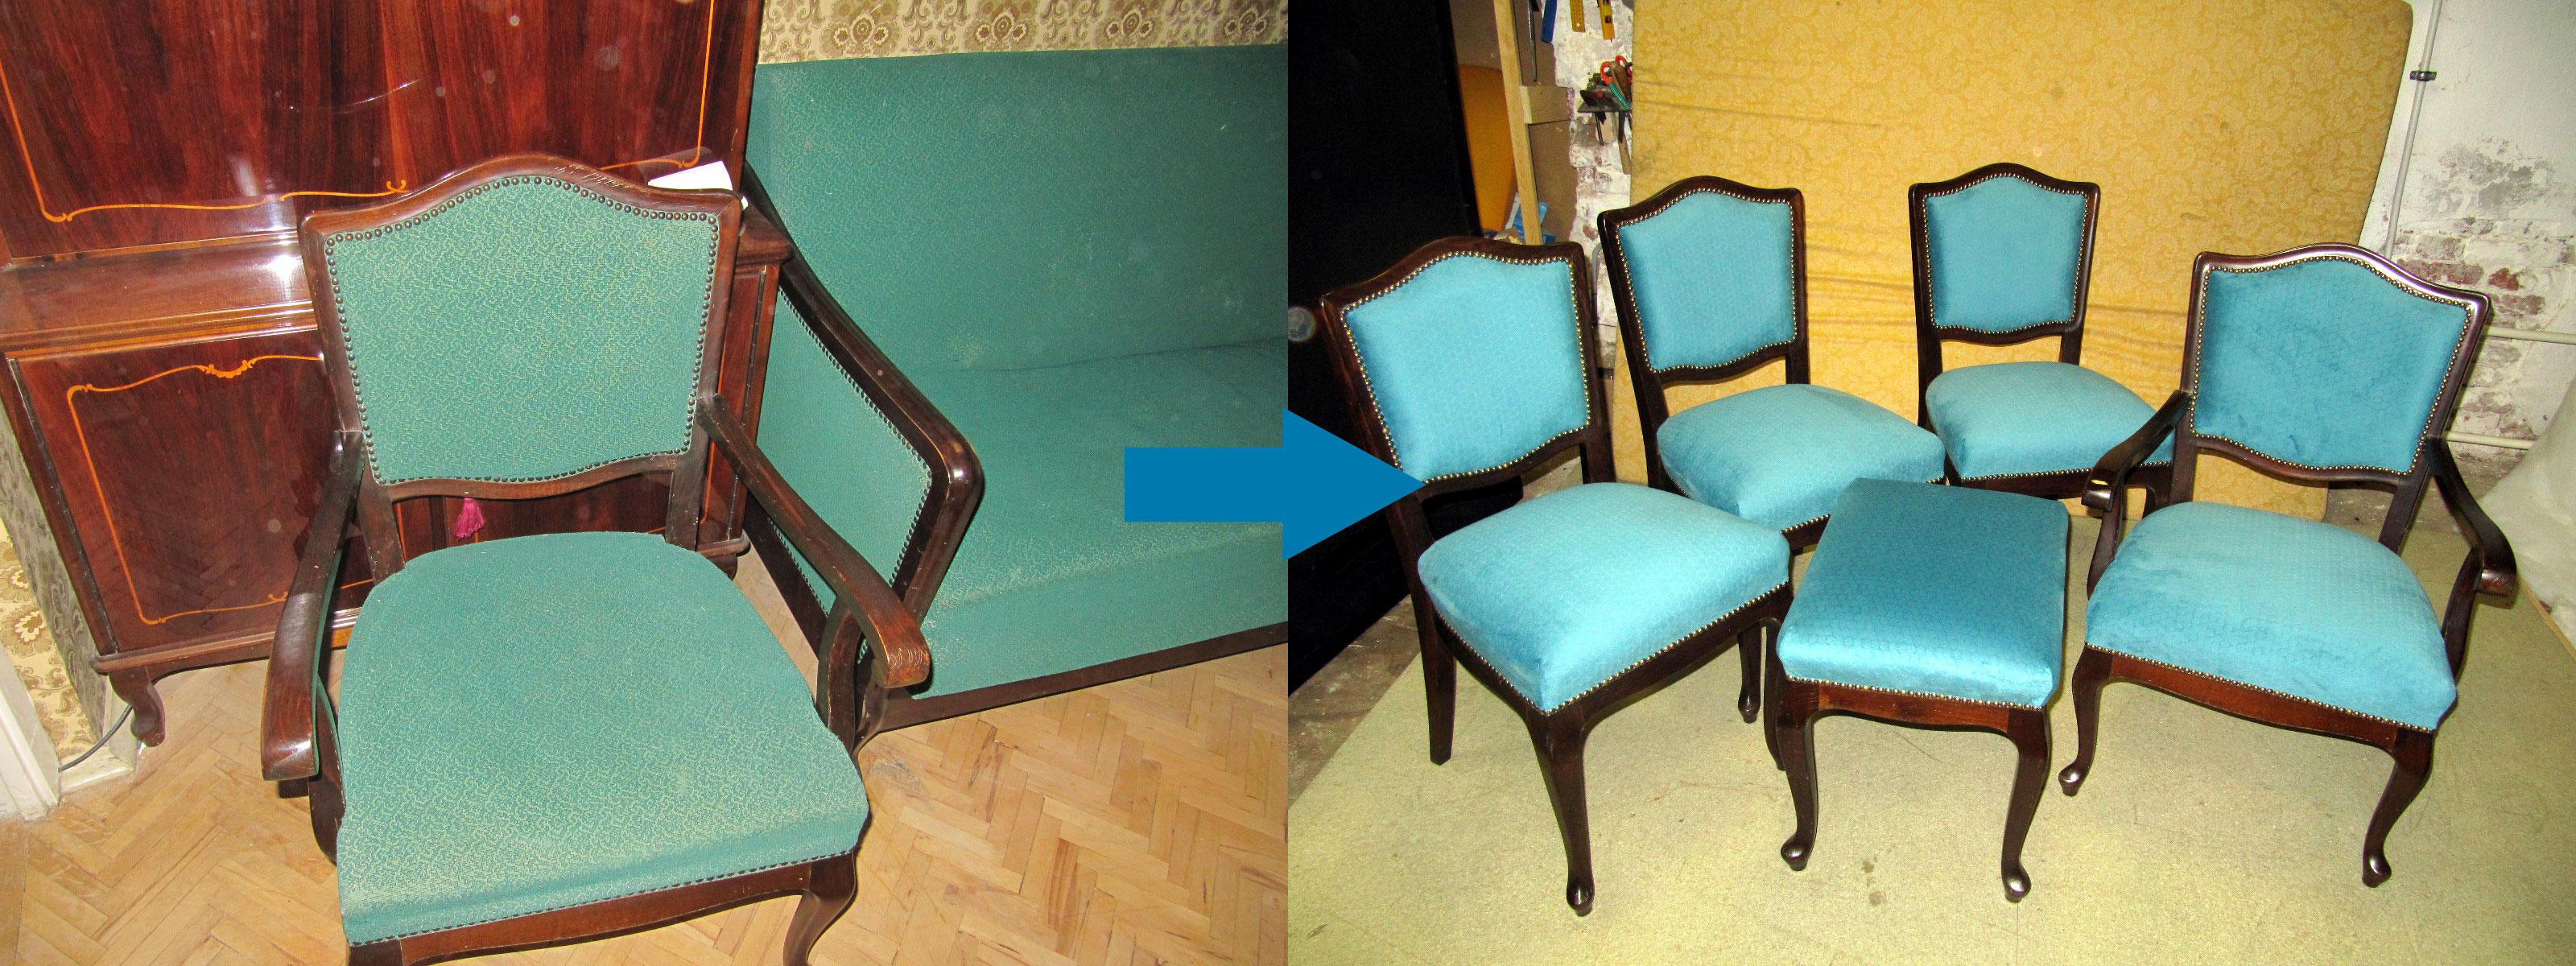 Пример обивки старинной мебели